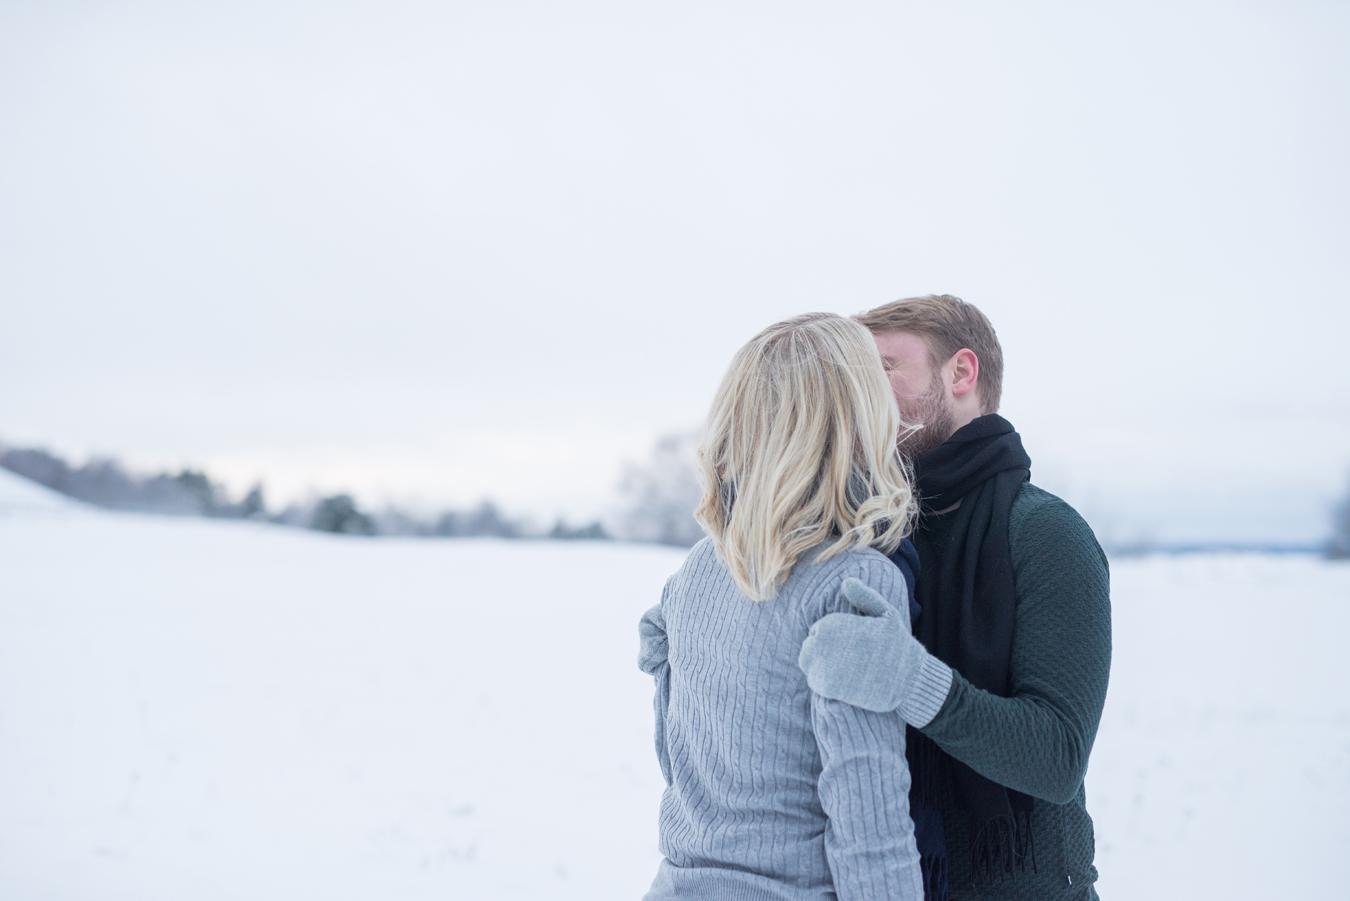 007-kärleksfotografering-uppsala-högar-neas-fotografi.jpg